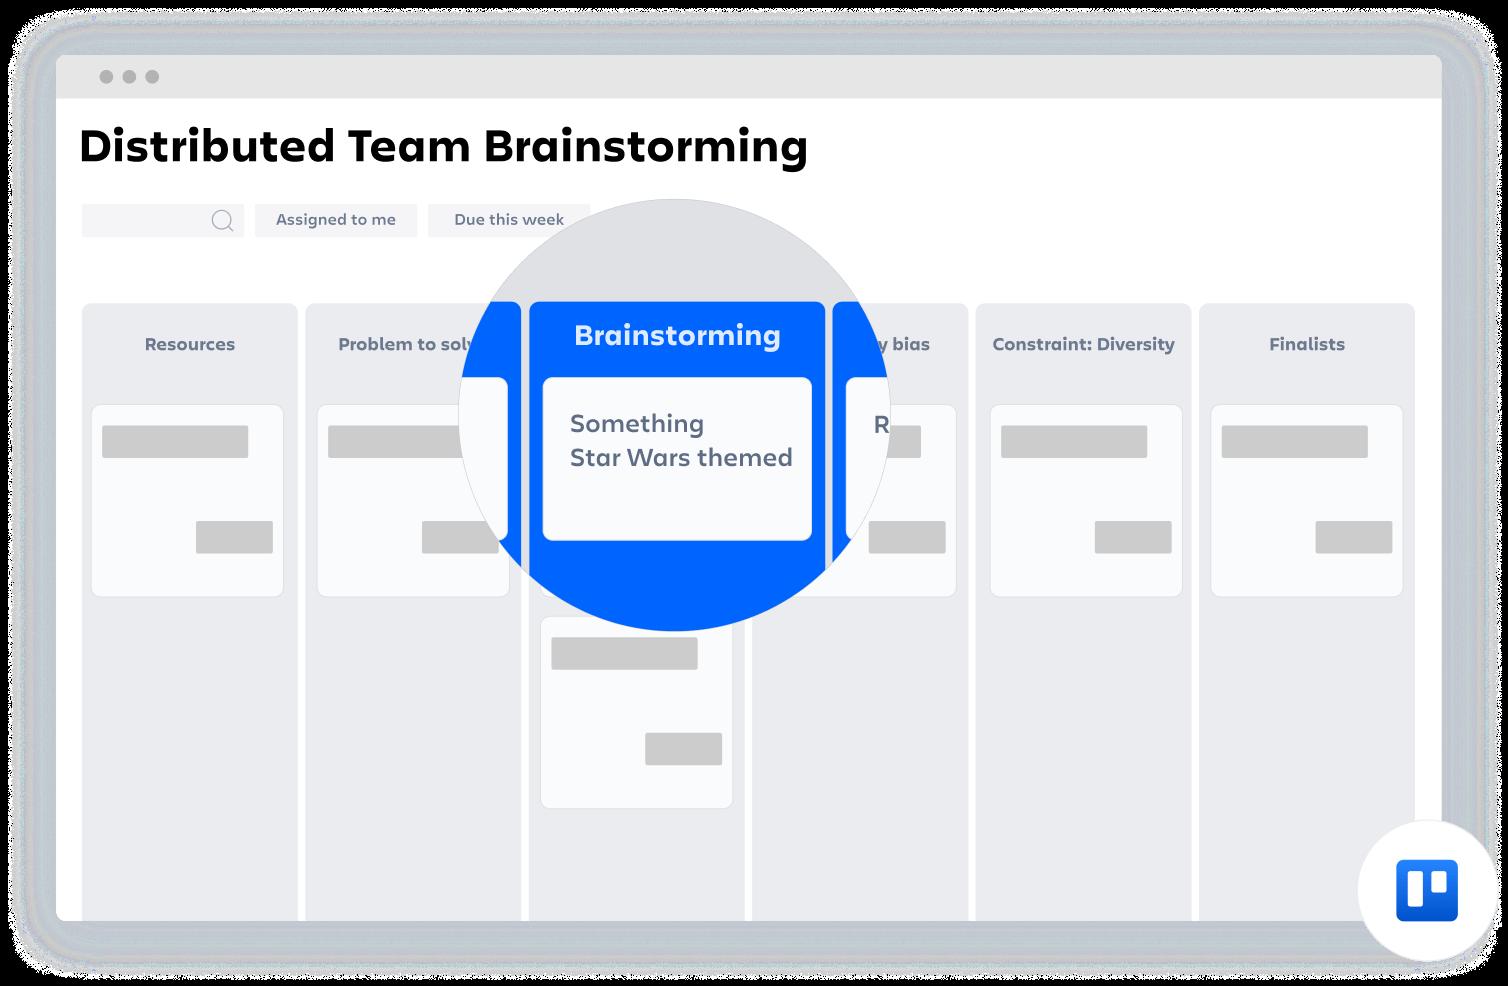 Template de brainstorming para equipes distribuídas no Confluence